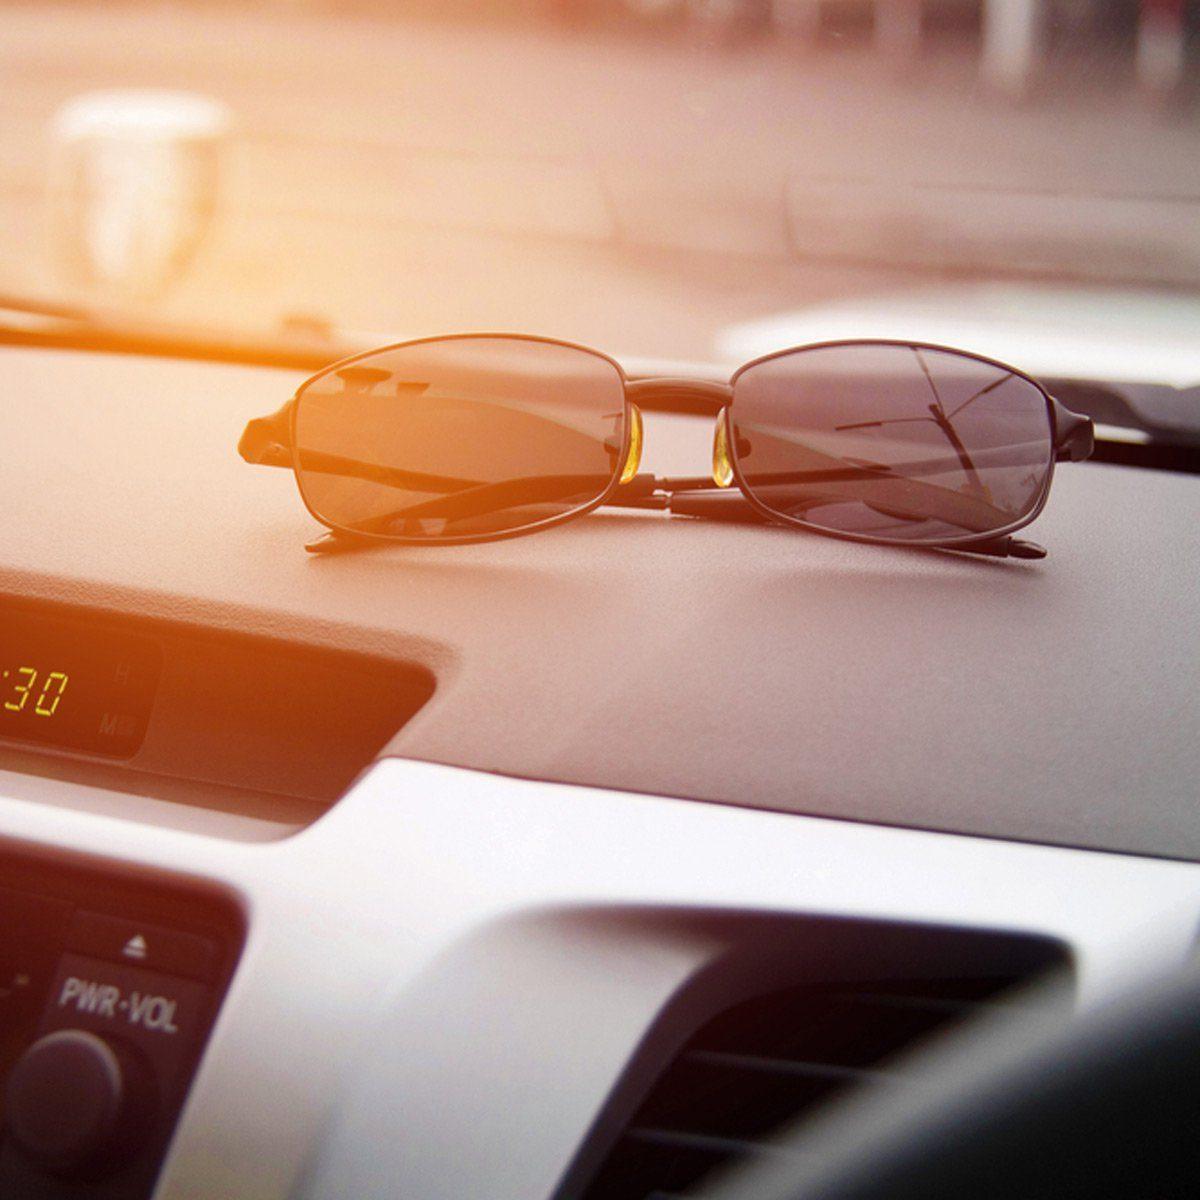 sunglasses shutterstock_760305070.jpg